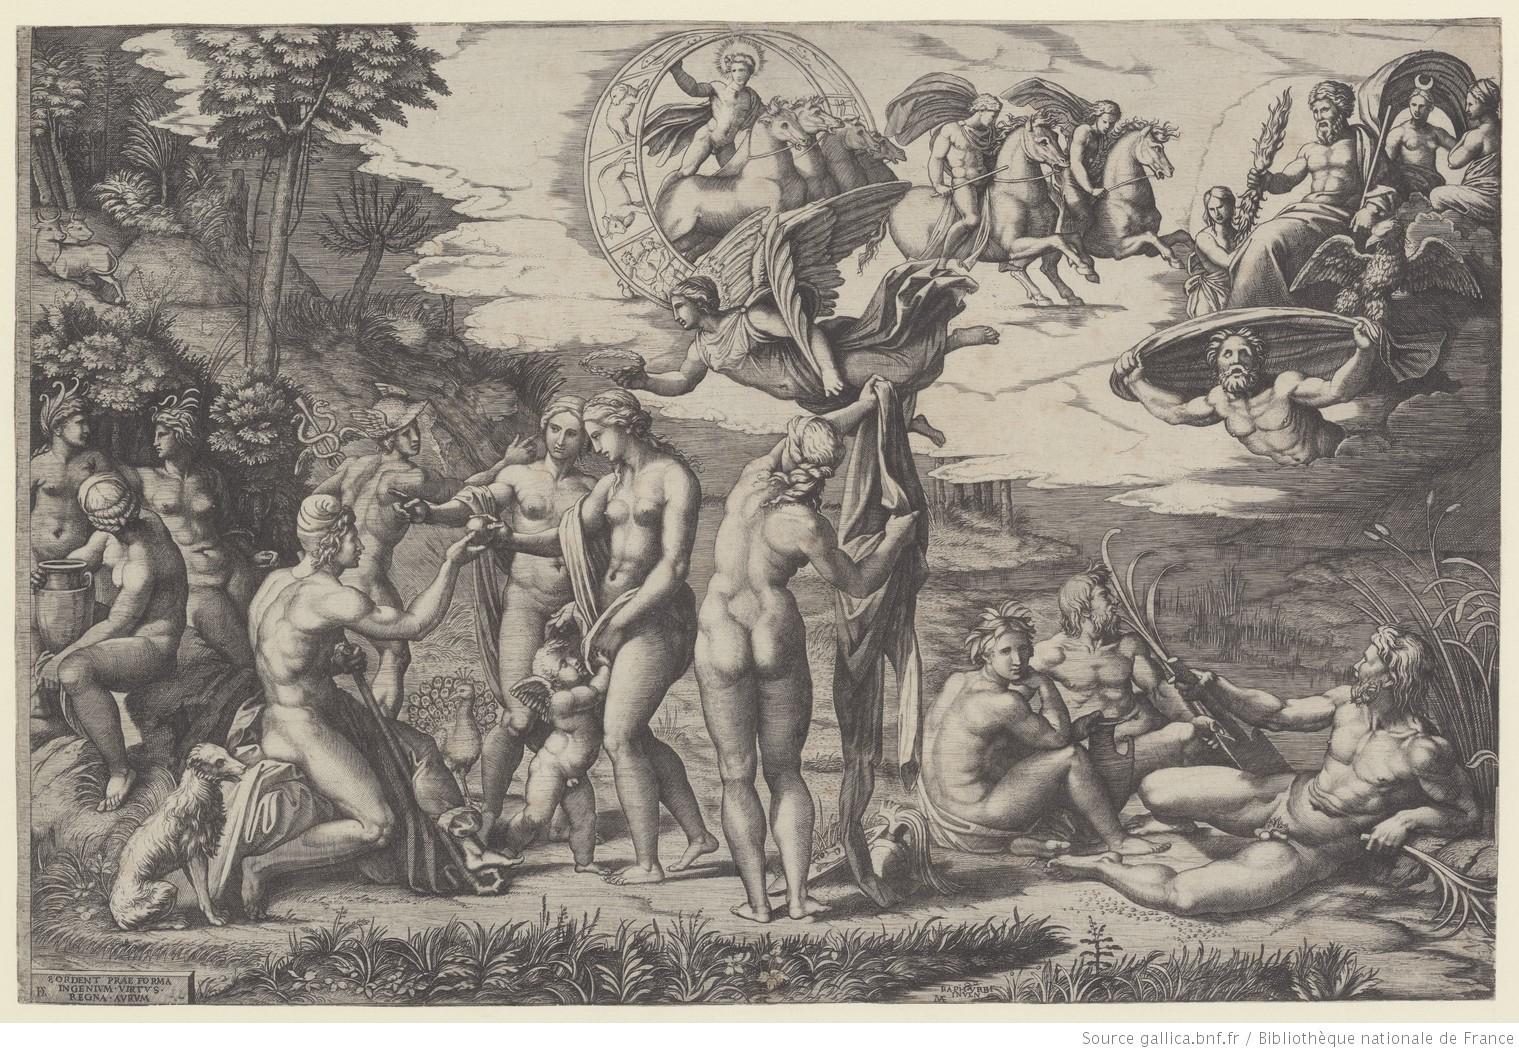 Le jugement de Pâris, tiré de l'Iliade et l'Odyssée. [estampe] / RAPH. URBI. INVEN. [d'après Raphaël] ; MAF [Marc-Antoine Raimondi] {monogr.} Source: Gallica, BNF.